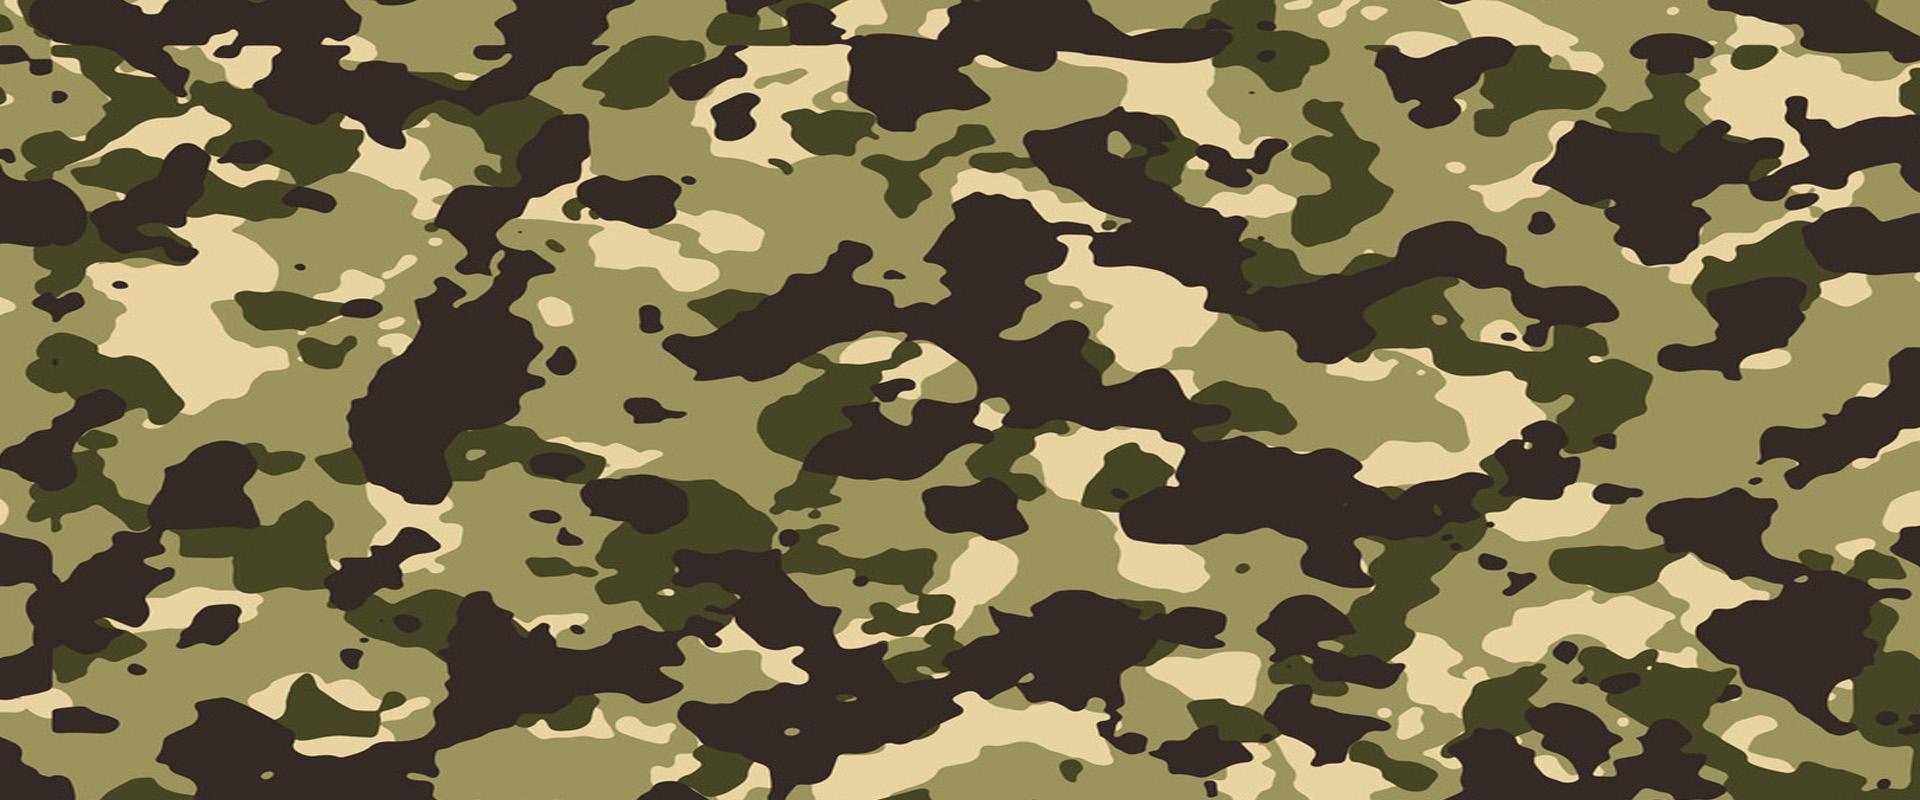 camouflage l u0026 39  u00e9cran couvrant puzzle contexte carte puzzle